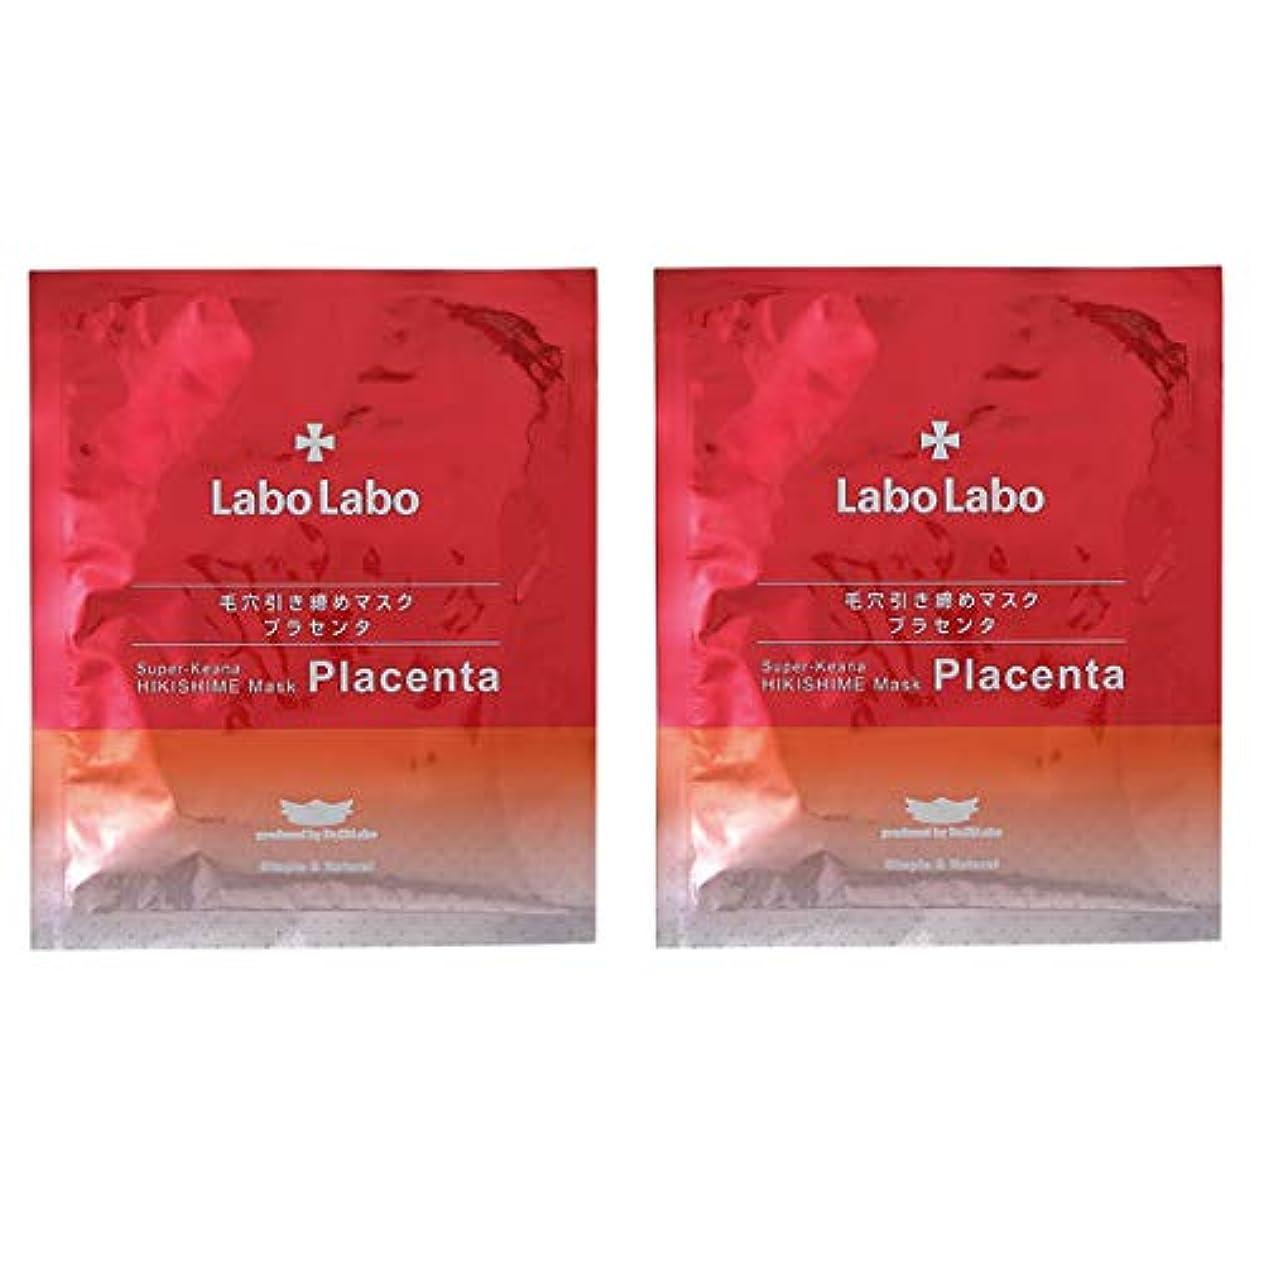 永続机みなさんドクターシーラボ Dr.Ci:Labo ラボラボ スーパー毛穴引き締めマスク プラセンタ 5枚入 2個セット